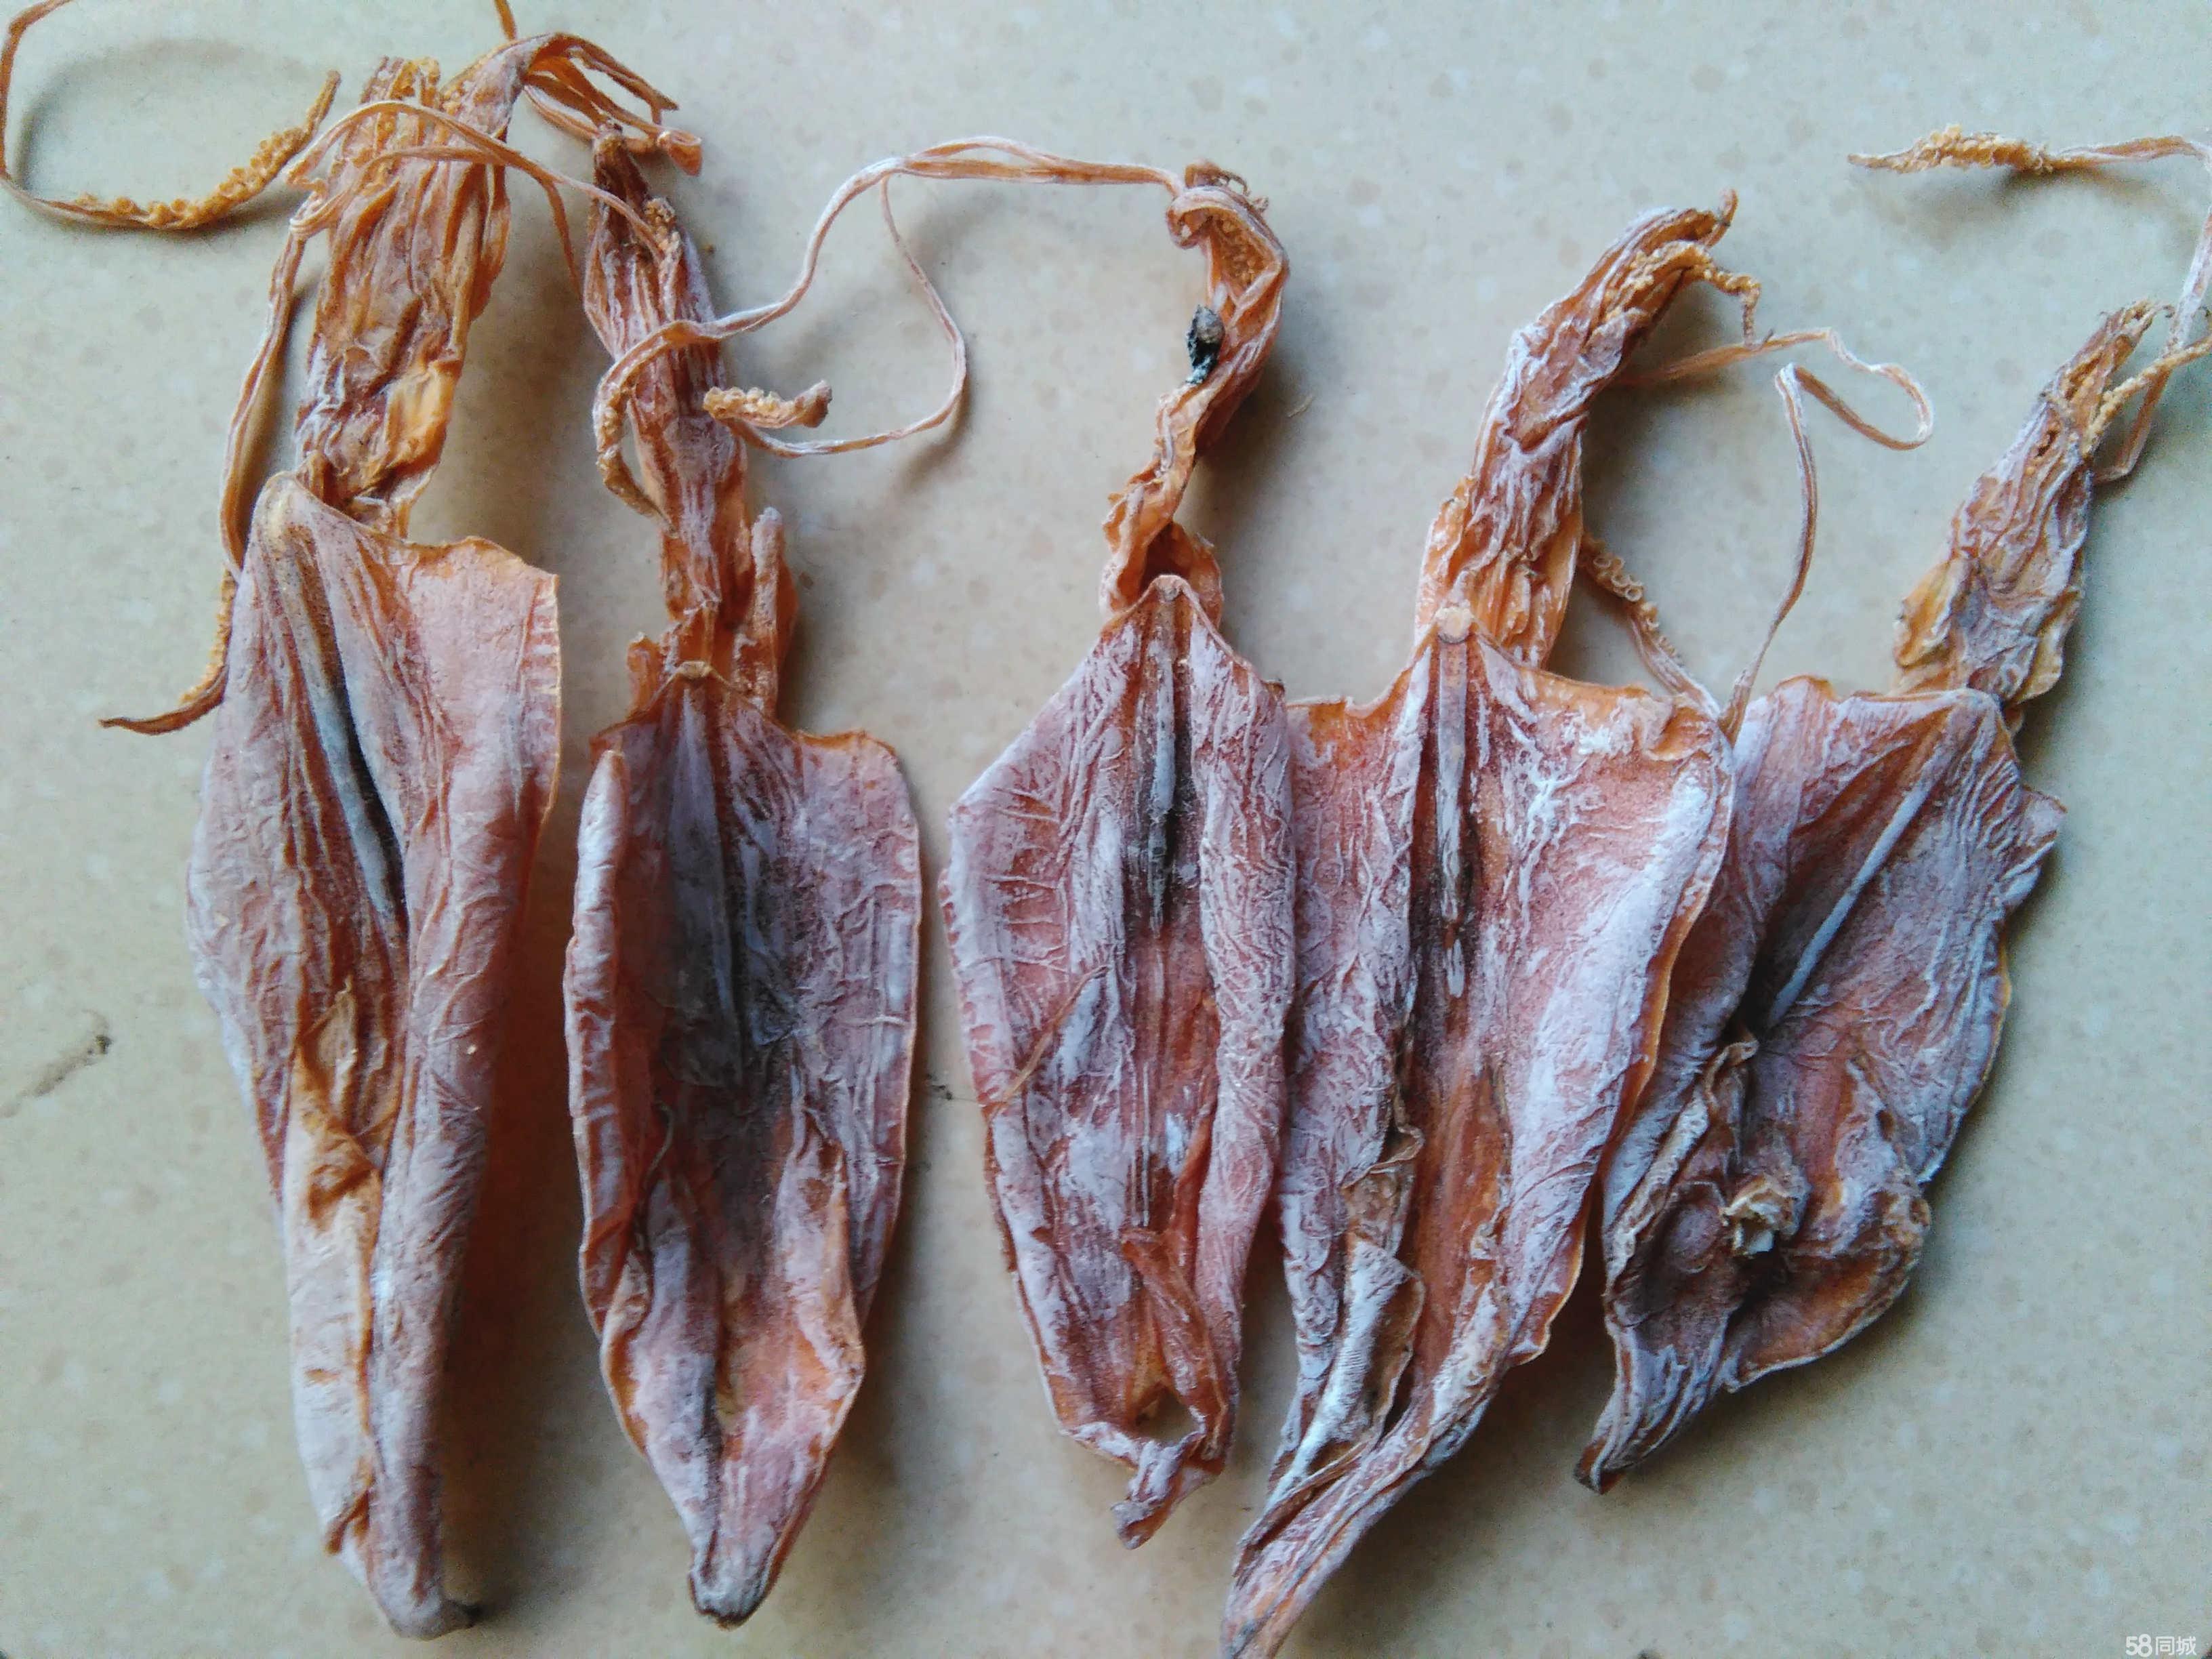 广西北部湾特产鱿鱼,河豚鱼干,海鳝鱼干  鱿鱼,虽然习惯上称它们为鱼